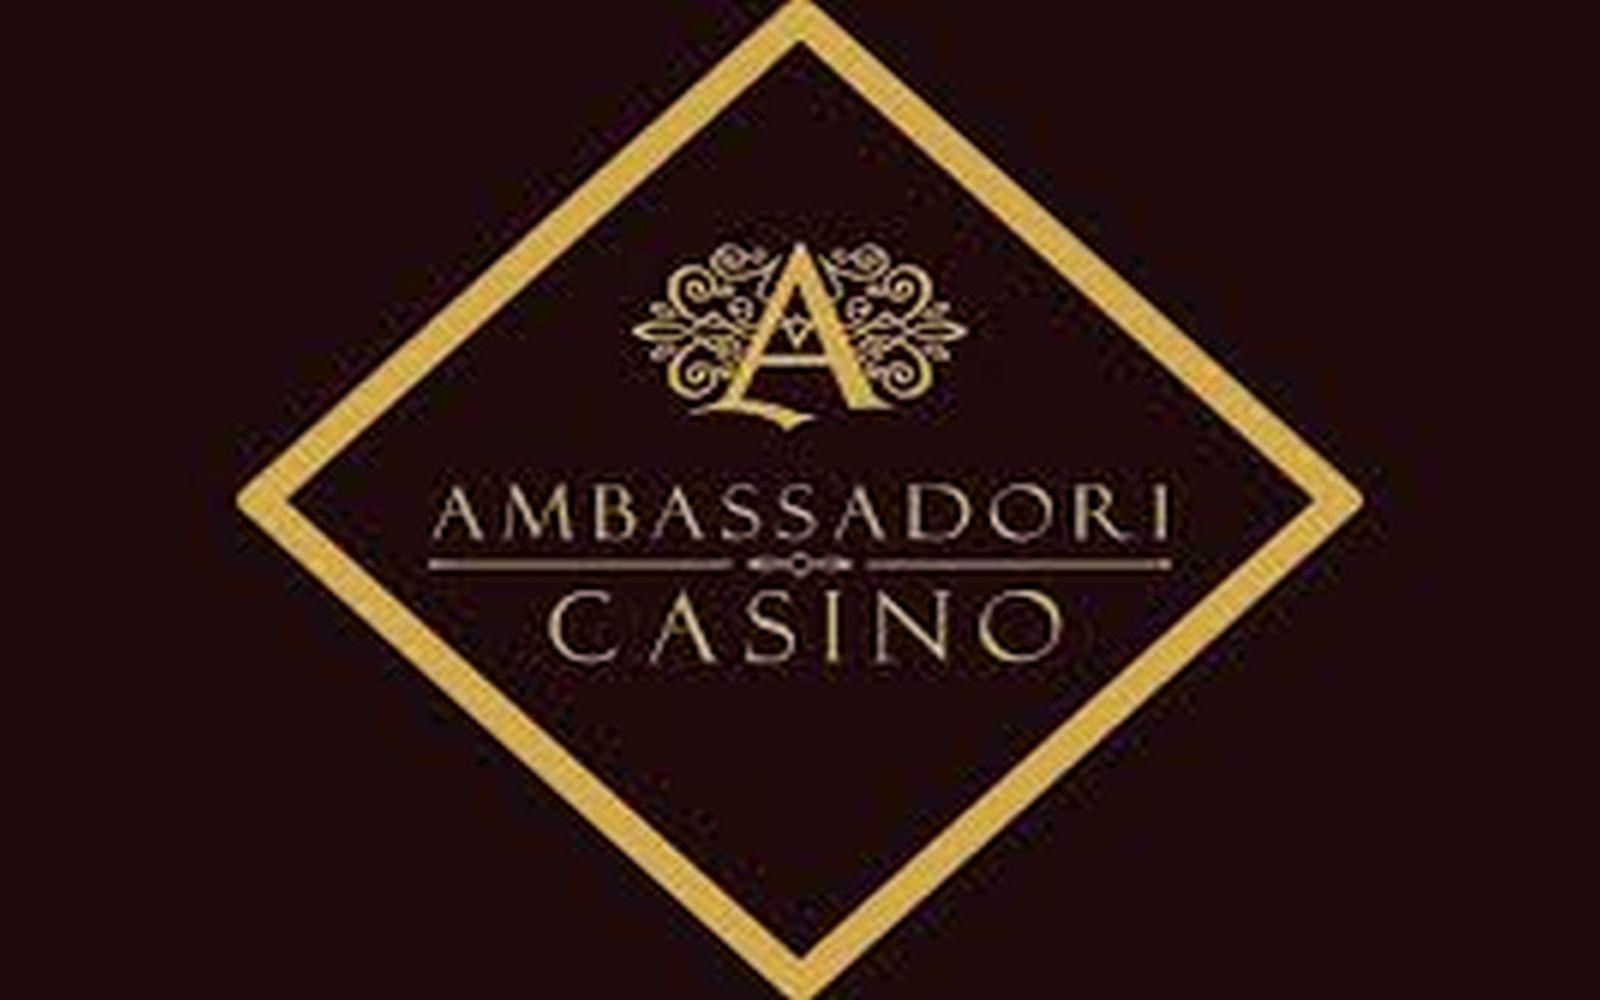 Ambassadori Poker